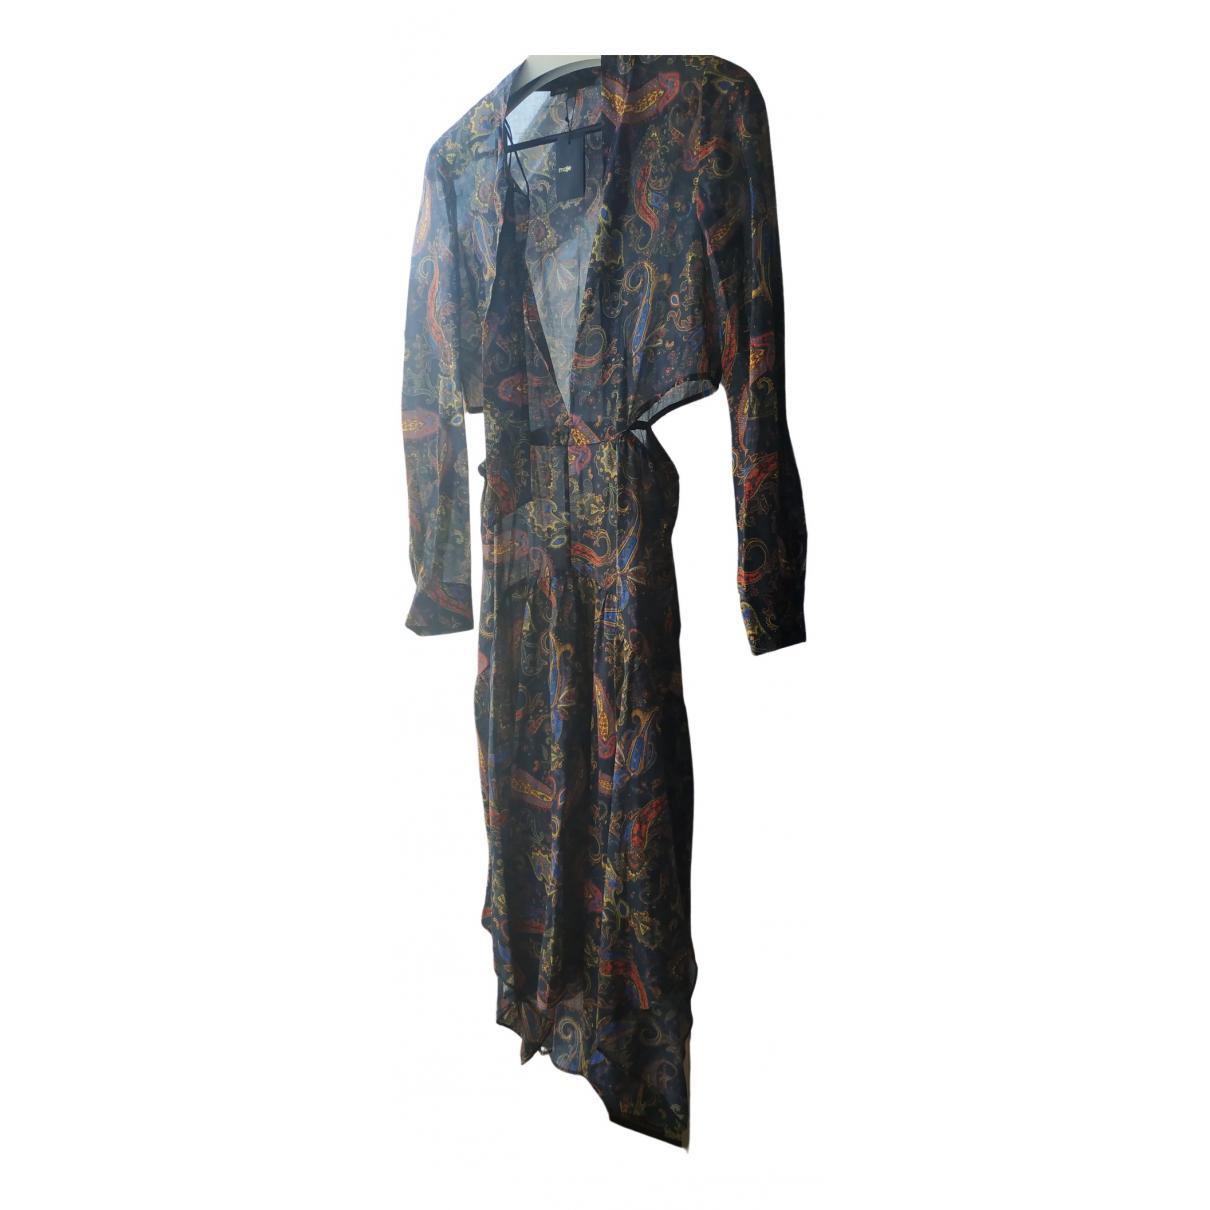 Maje Fall Winter 2019 Kleid in  Bunt Baumwolle